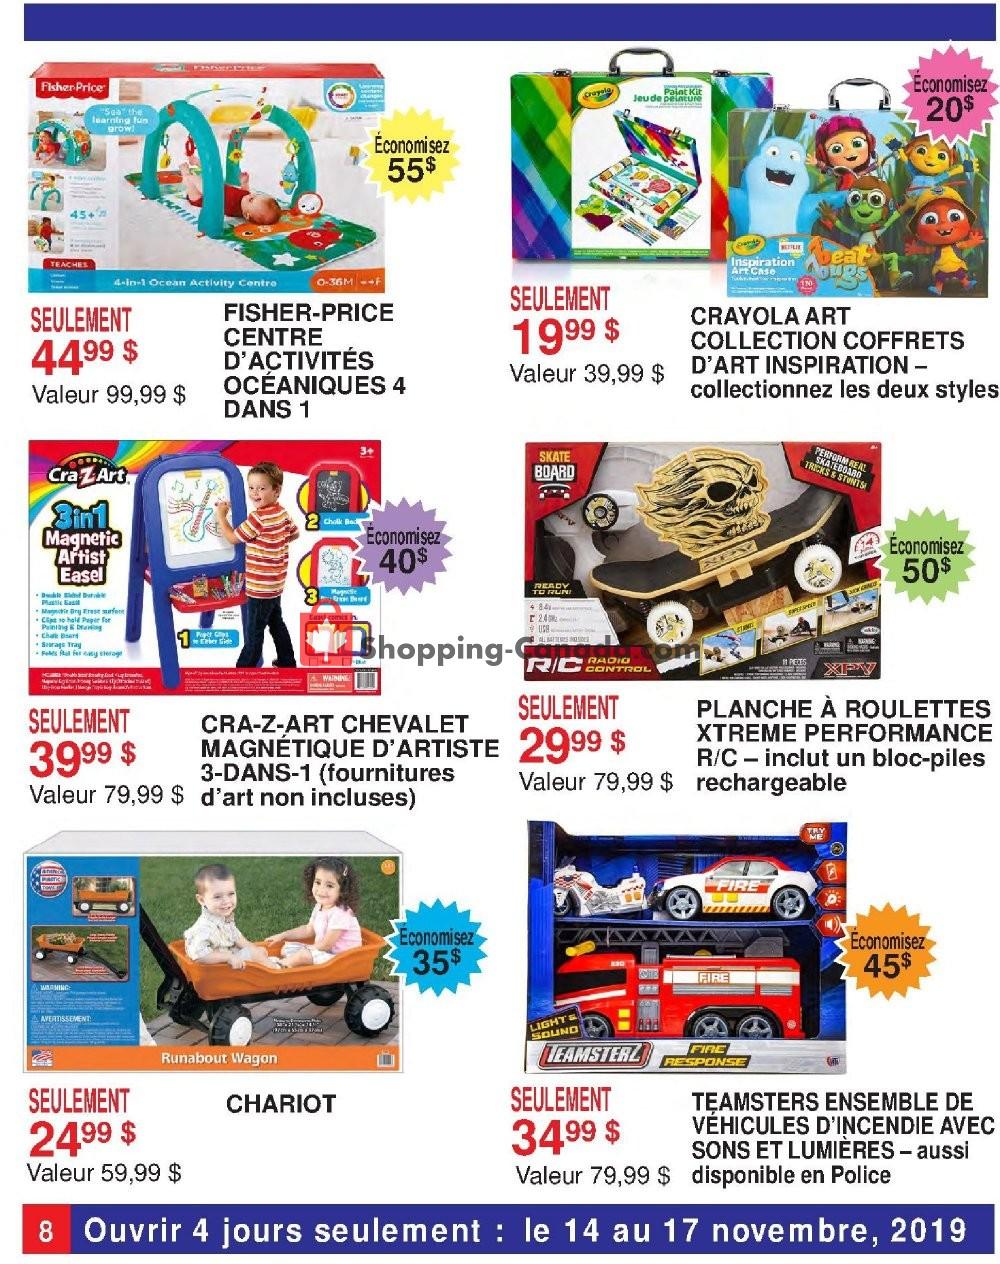 Flyer Samko and Miko Toy Warehouse Canada - from Thursday November 14, 2019 to Sunday November 17, 2019